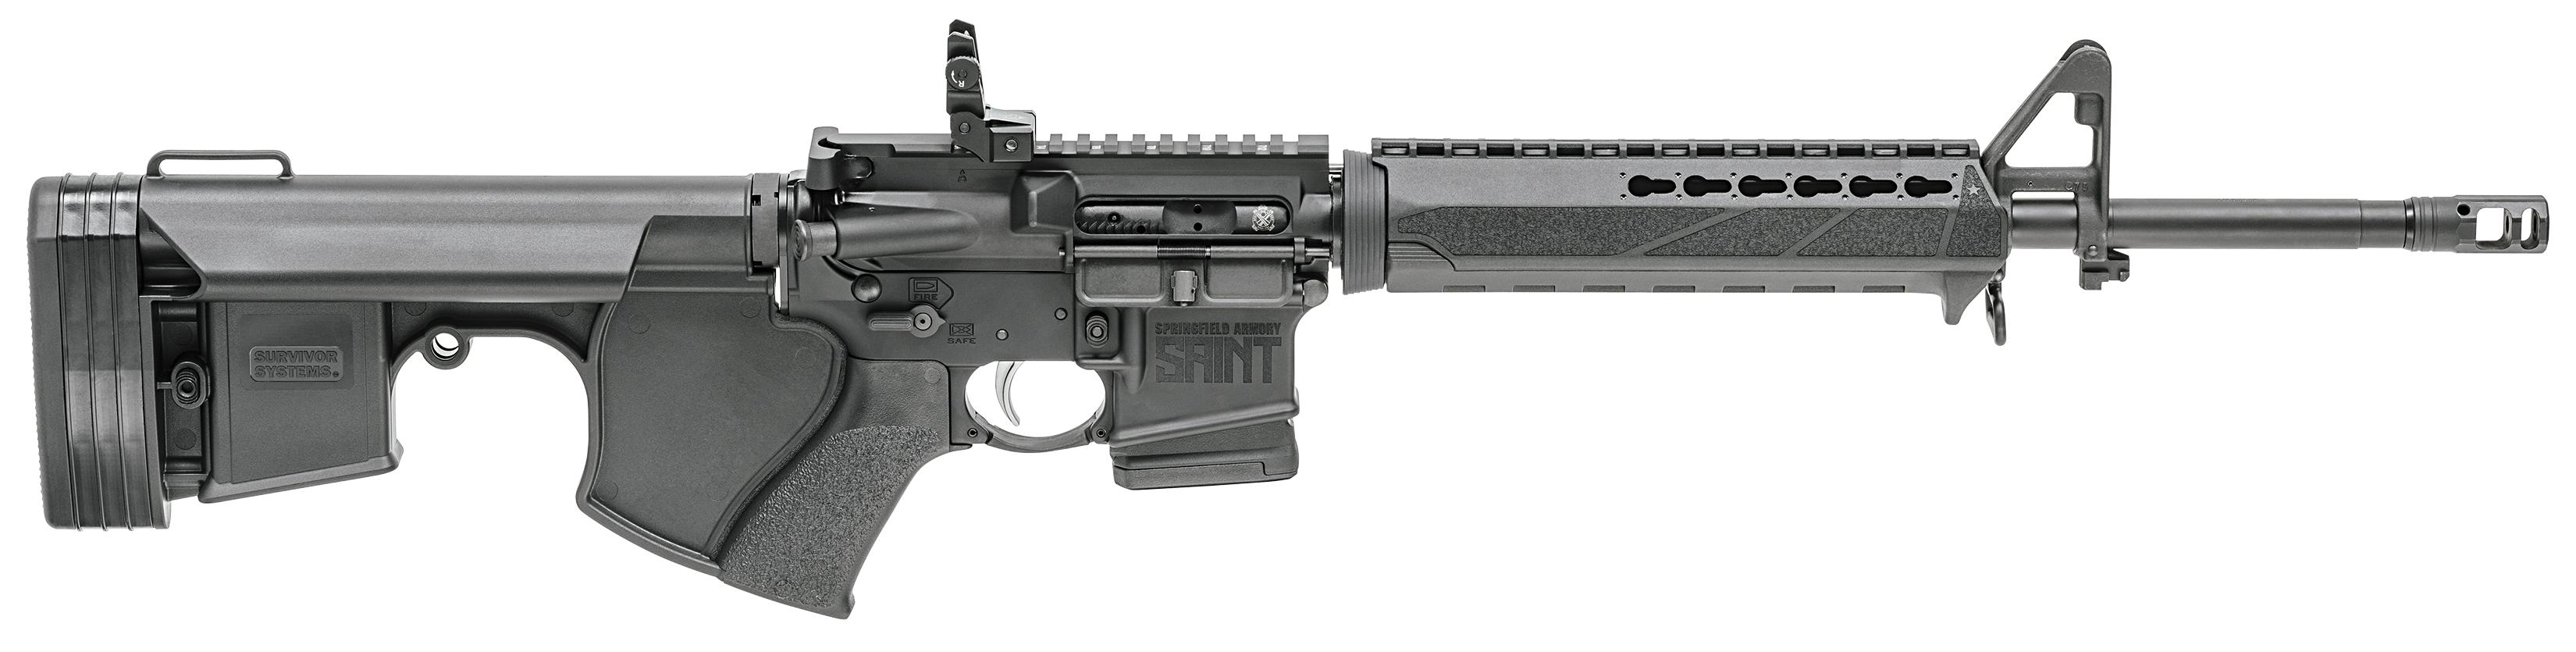 Springfield Armory CA Compliant SAINT AR-15